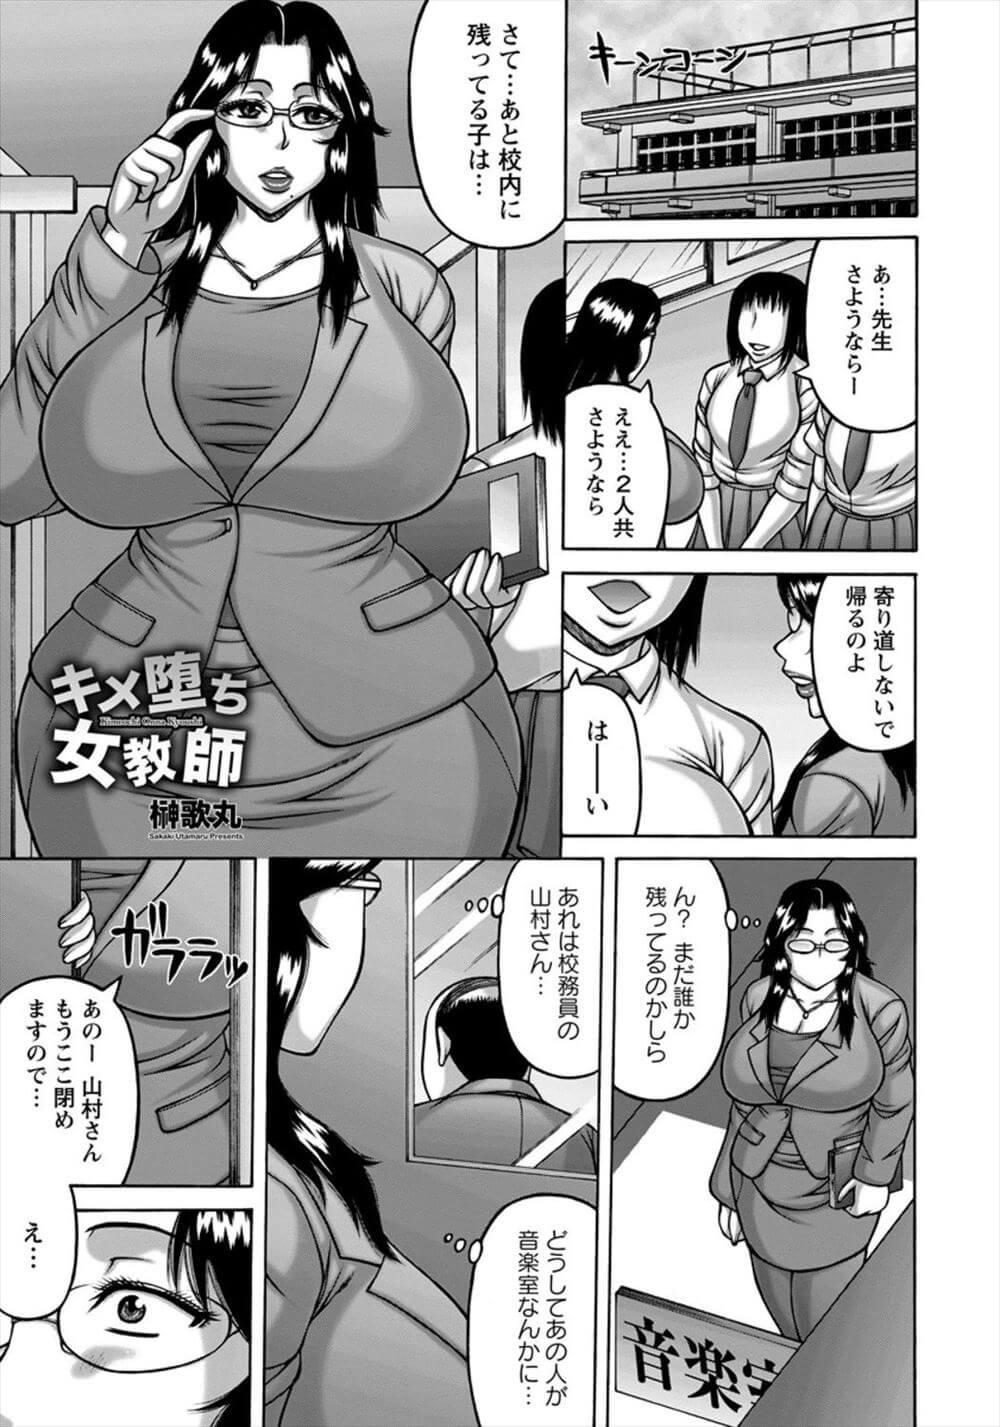 【エロ漫画】僕はJKで生徒会長の麗を手に入れて、麗におじさんにフェラをさせセックスしてるところを撮っているww【無料 エロ同人】